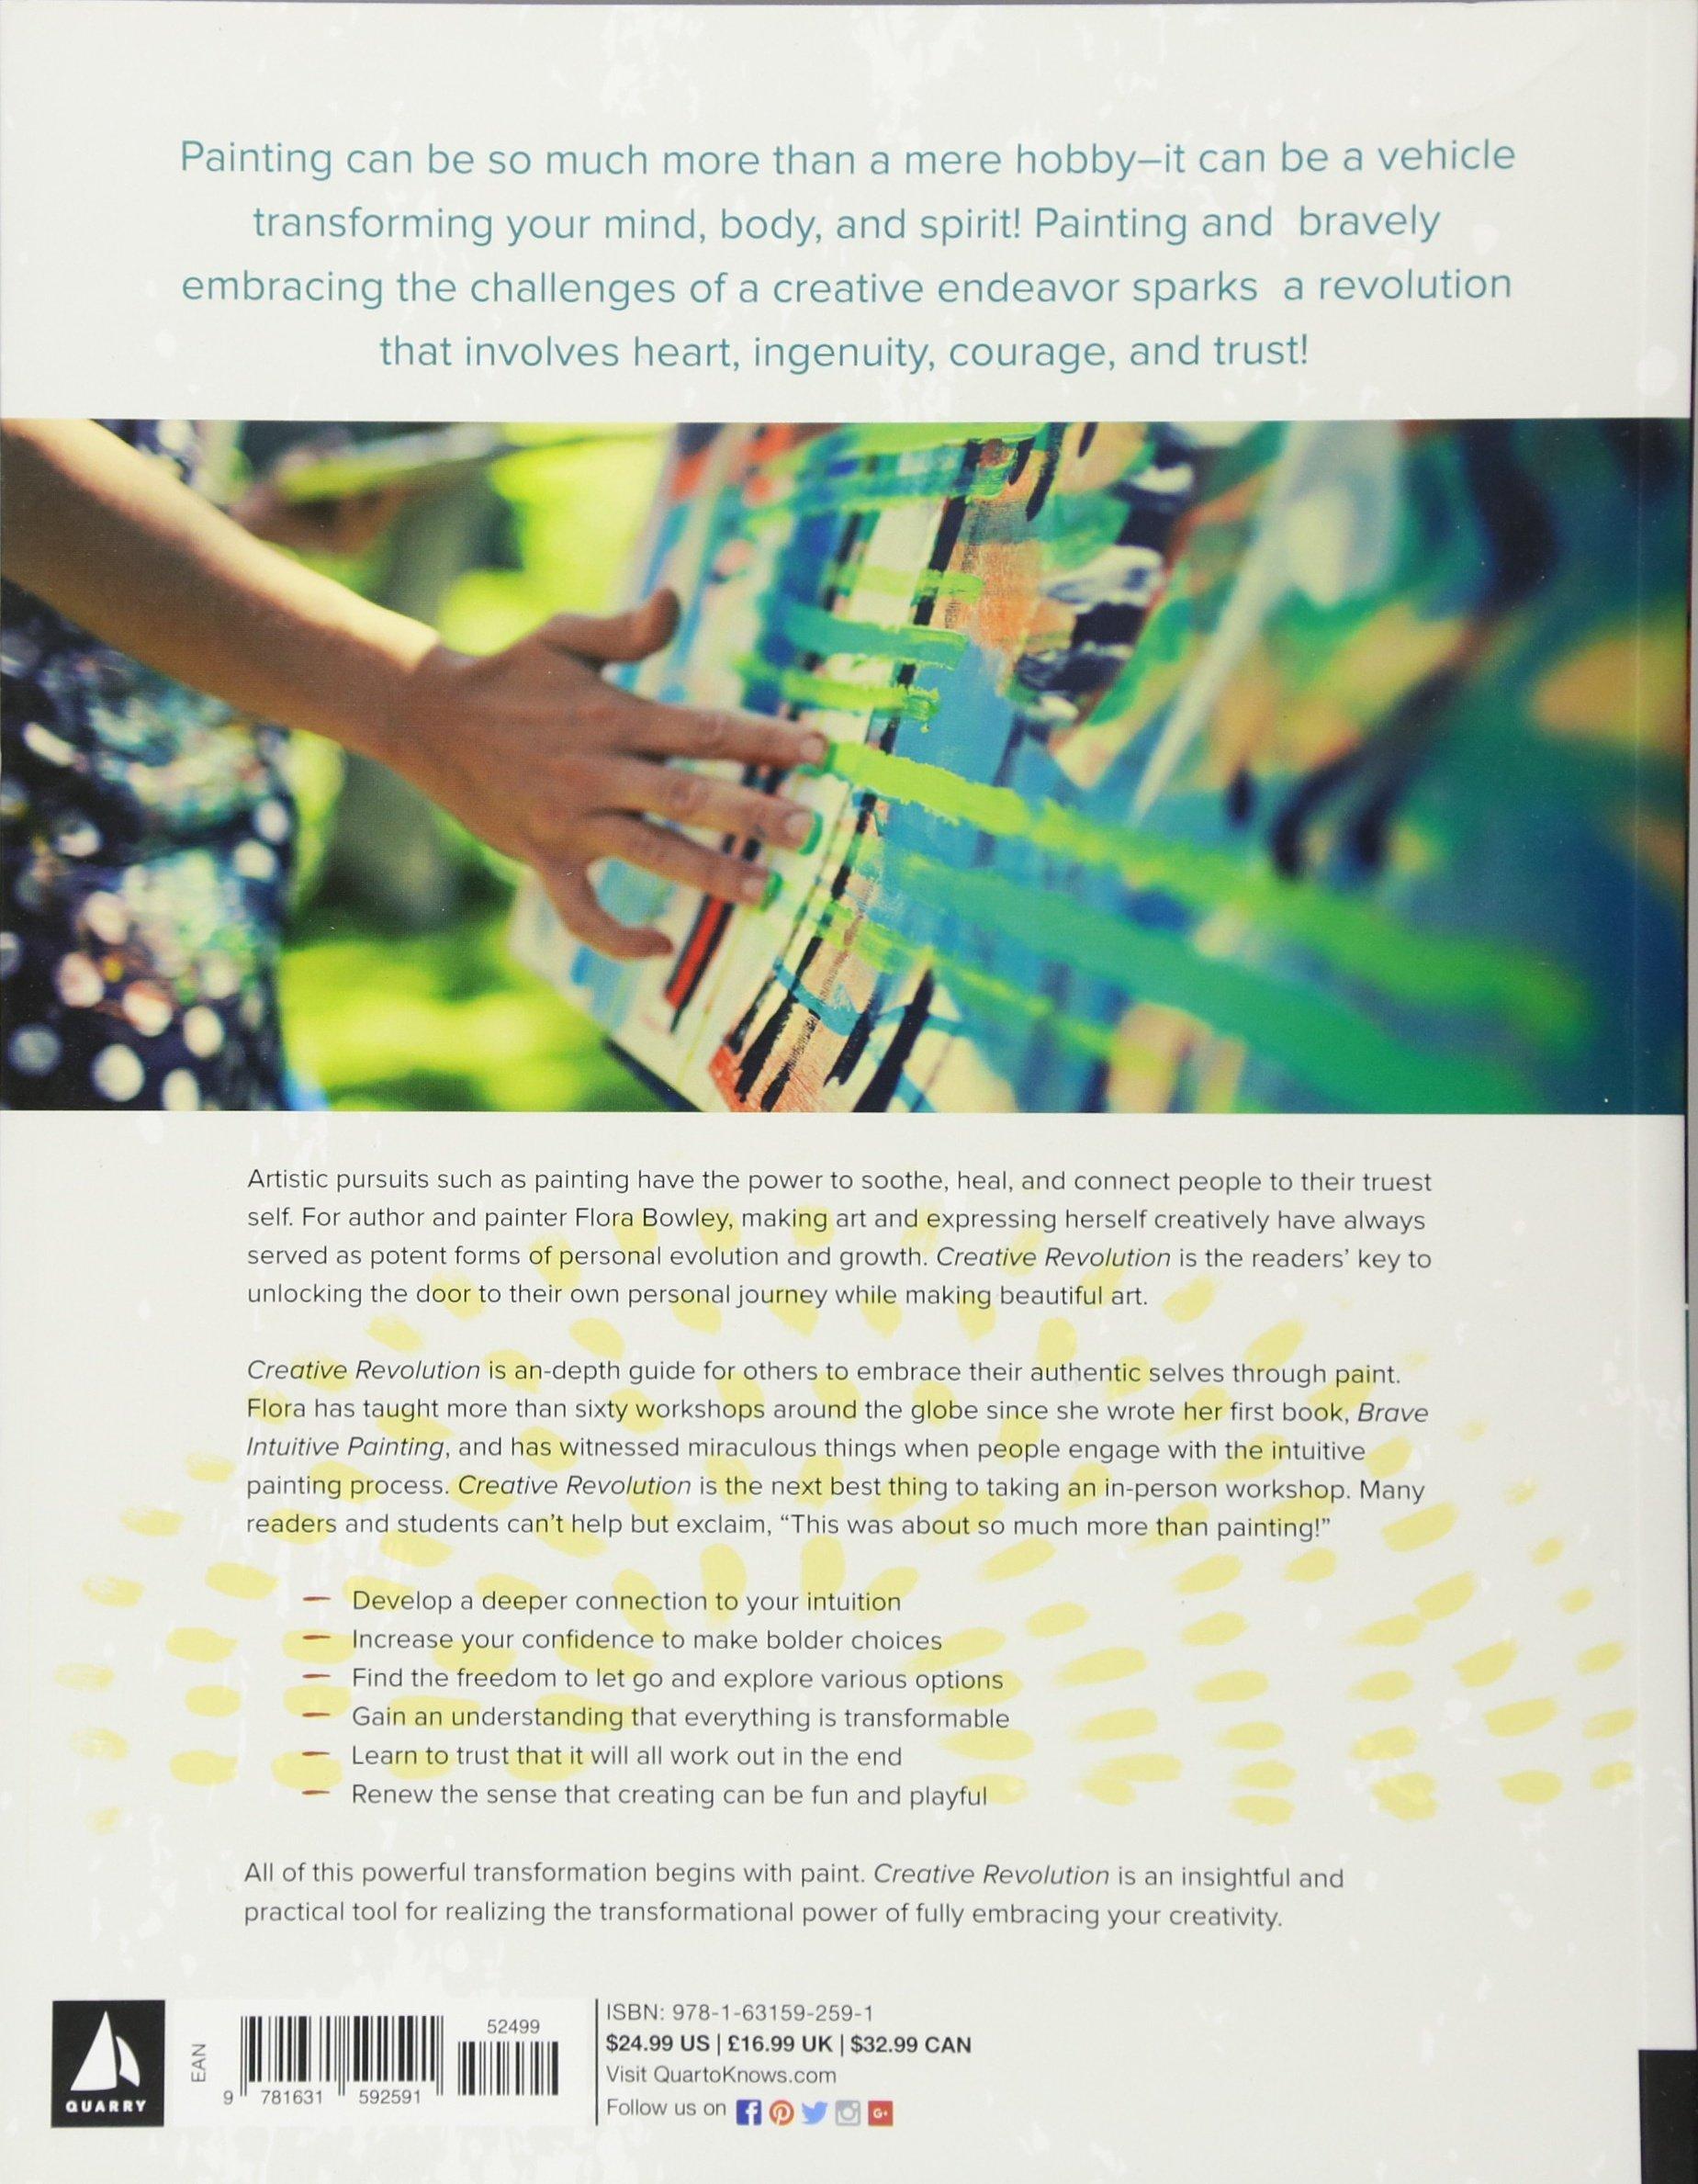 Creative revolution personal transformation through brave creative revolution personal transformation through brave intuitive painting flora bowley 9781631592591 amazon books fandeluxe PDF